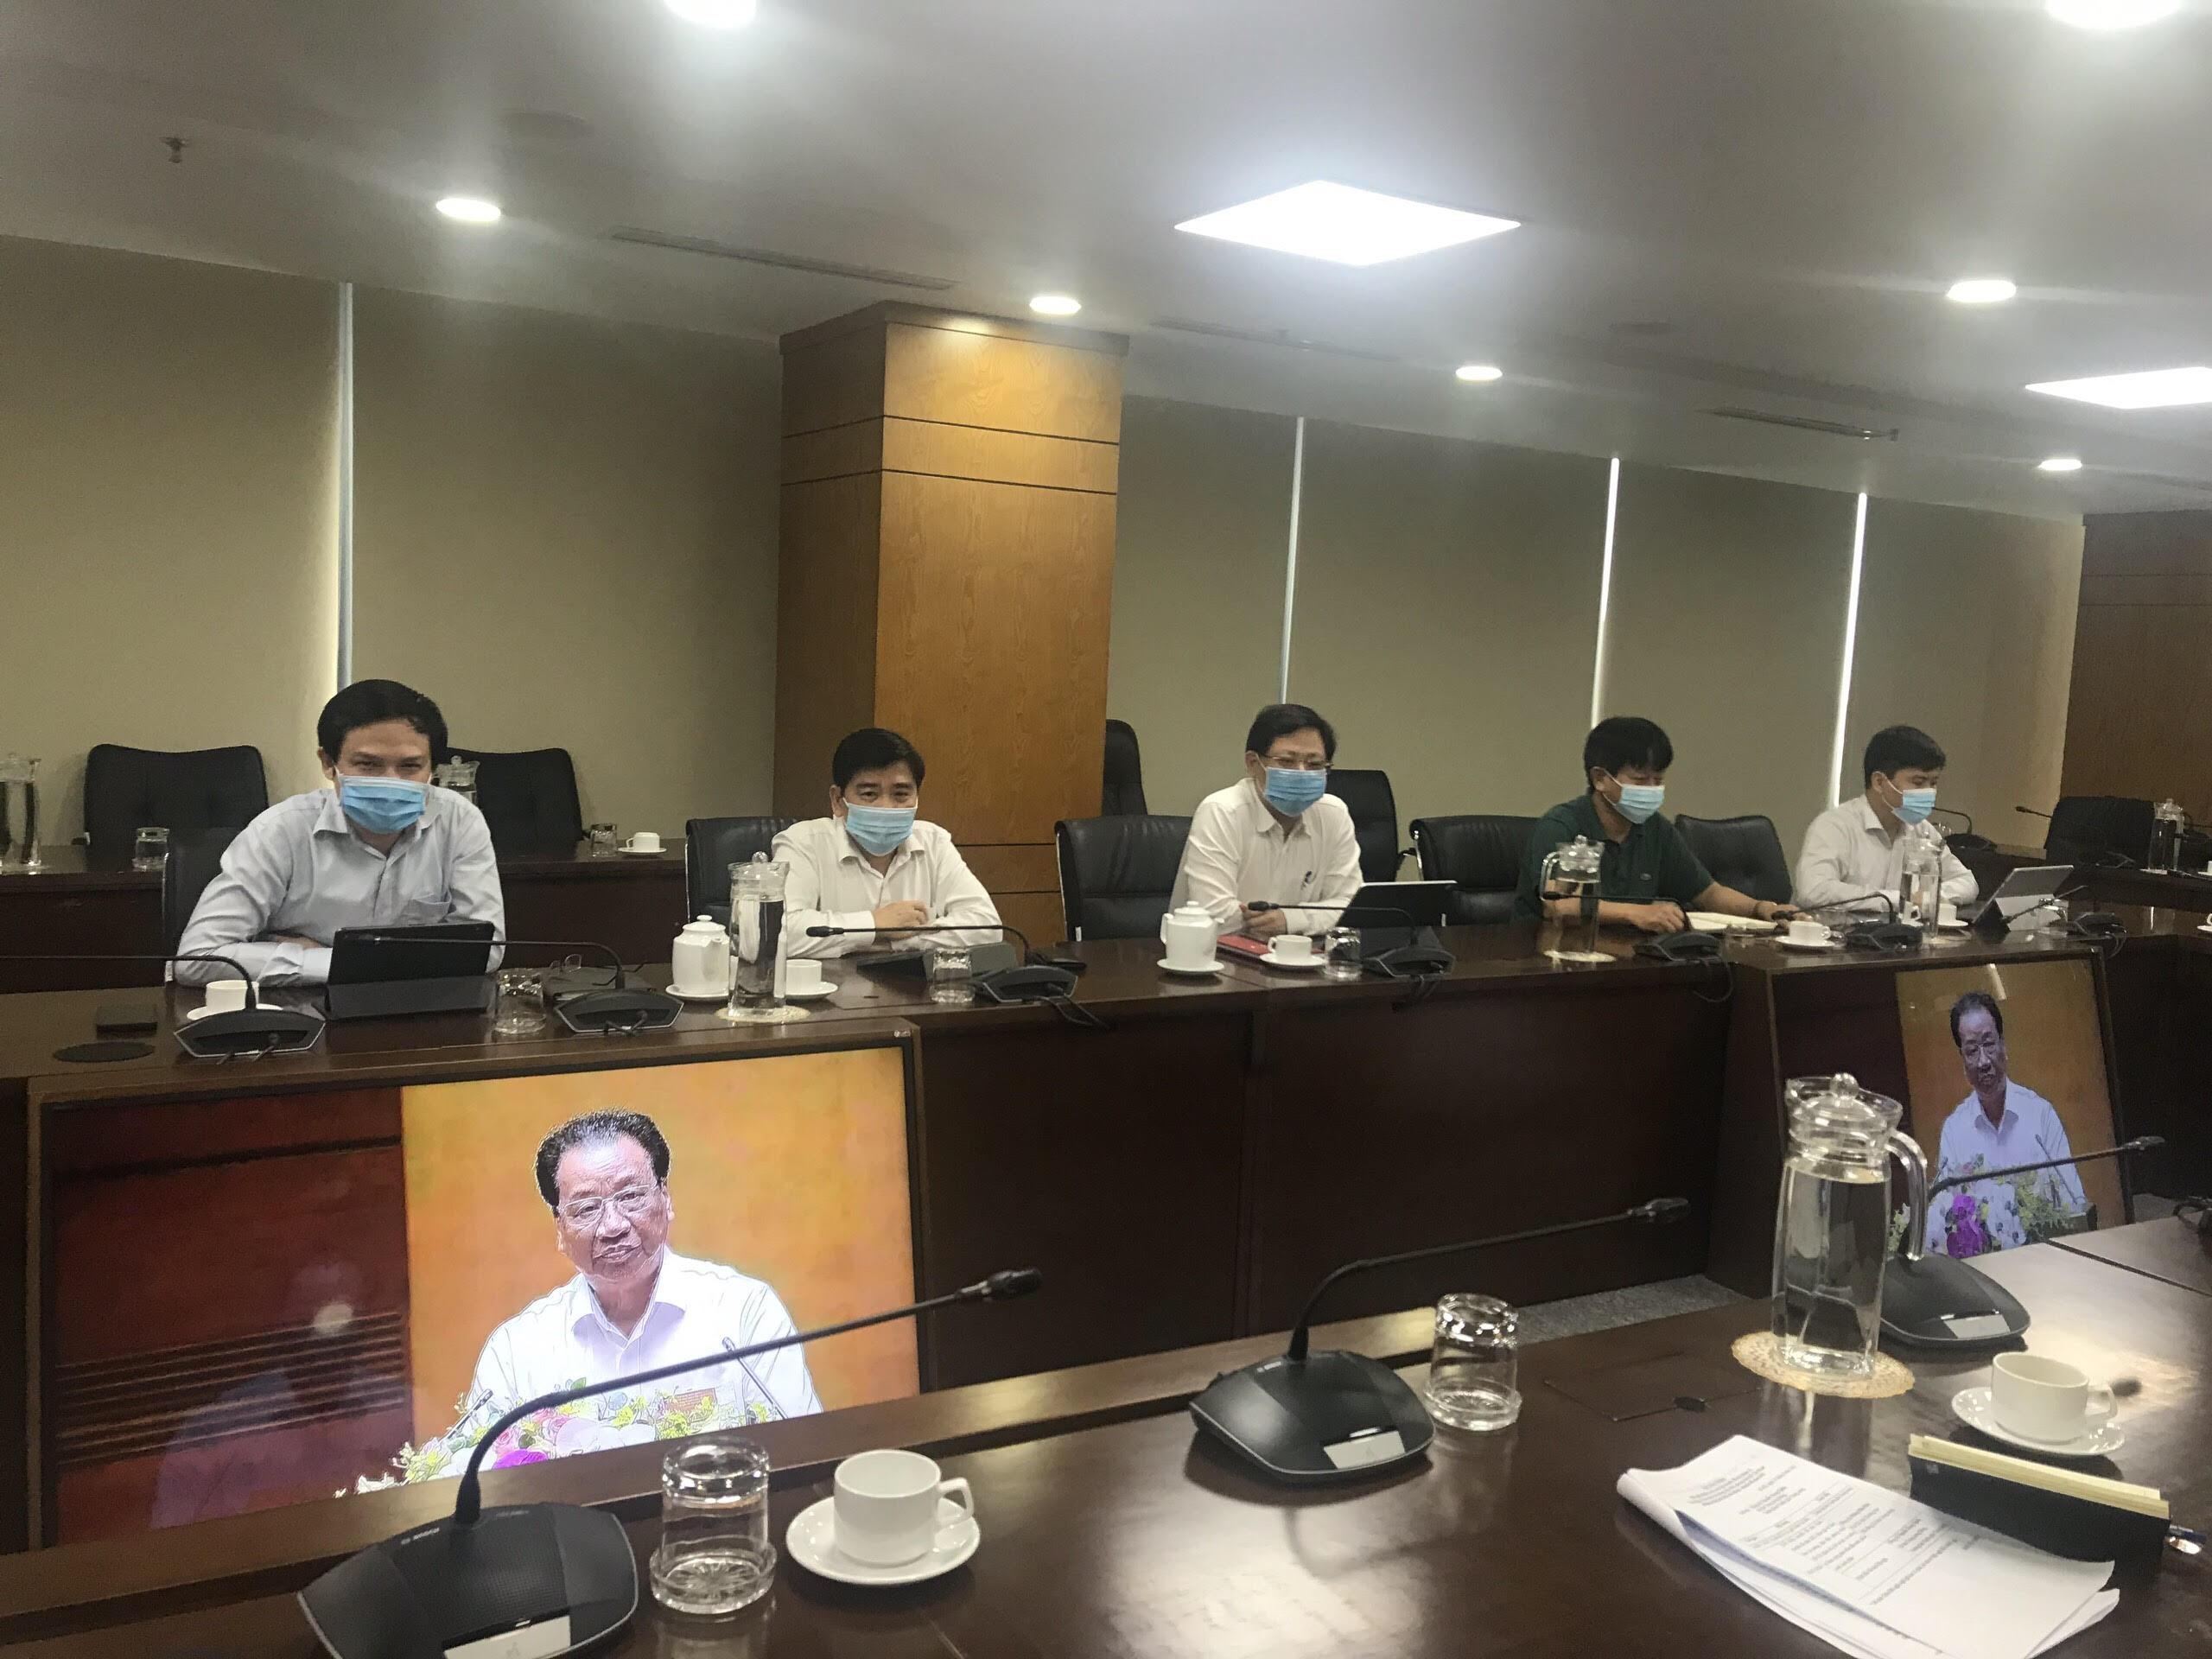 Các đại biểu tham dự Hội nghị tại điểm cầu Đảng ủy Tổng công ty Bưu điện Việt Nam.